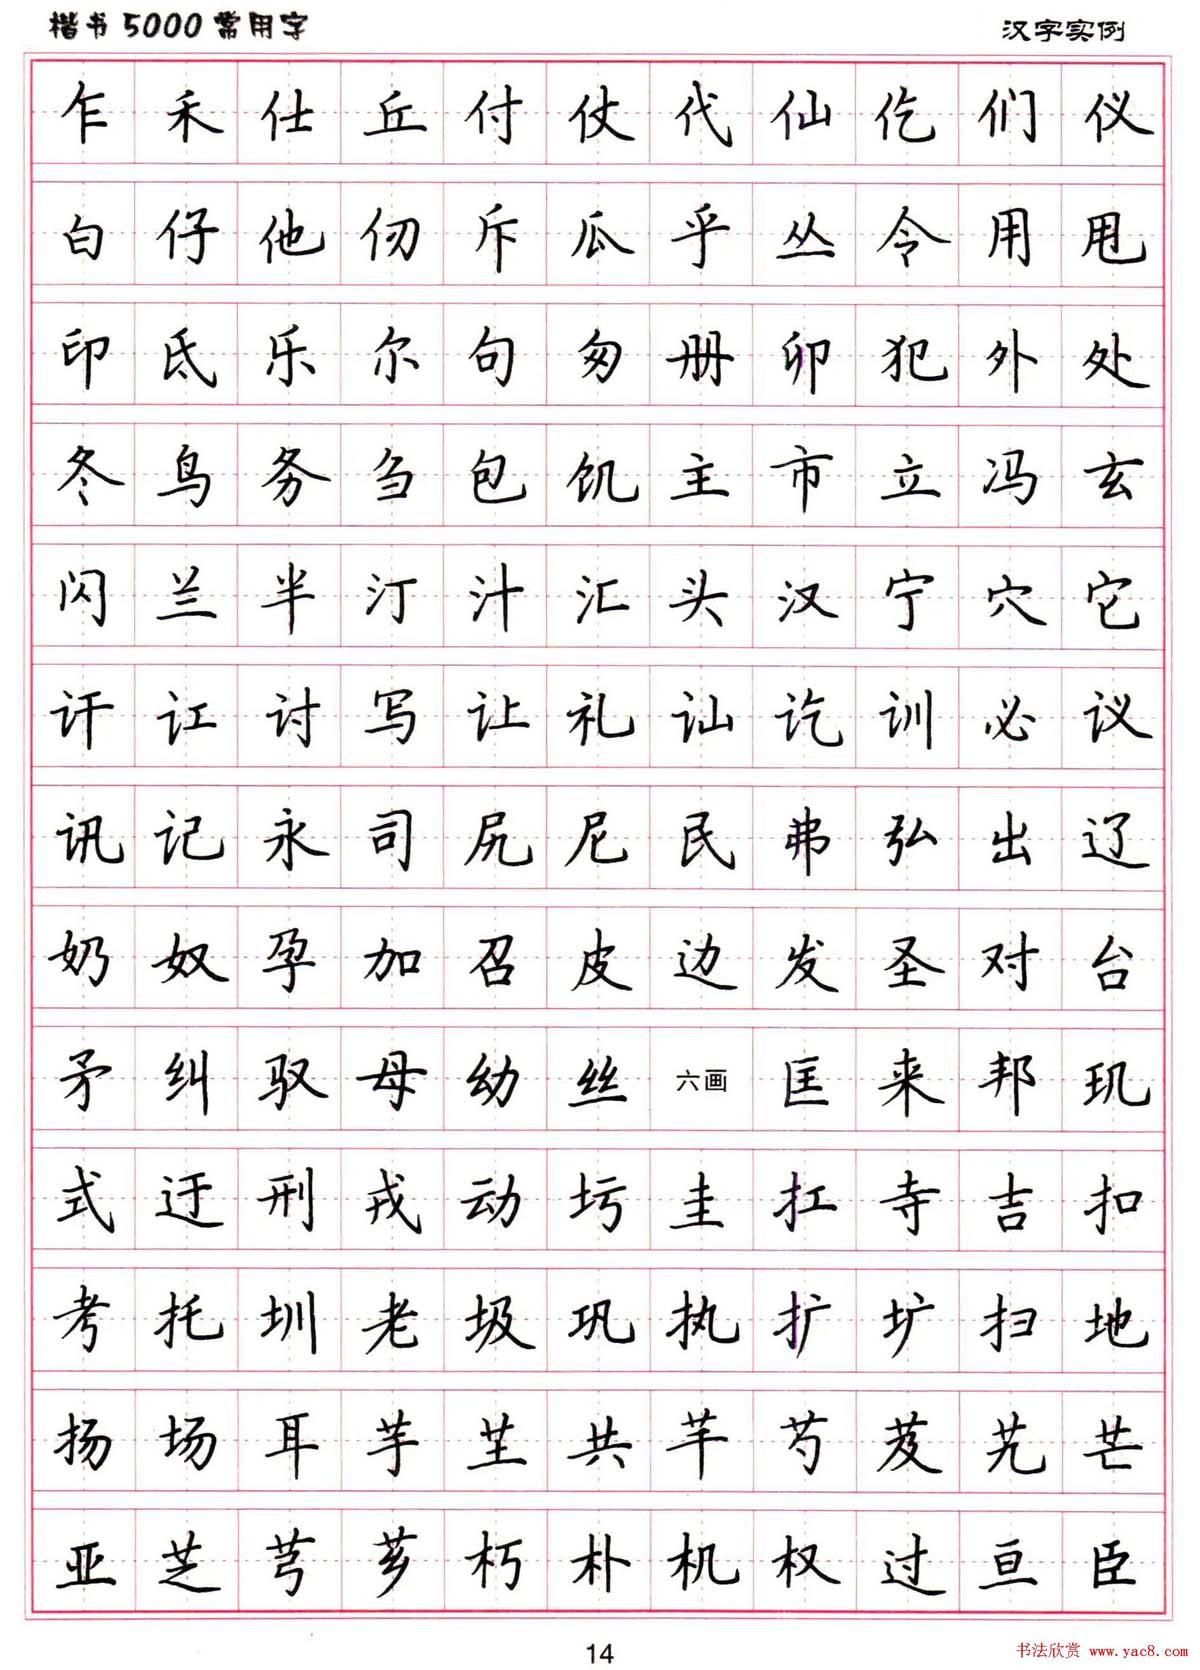 小学生钢笔字帖_[转载]硬笔书法字帖--《楷书5000常用字》